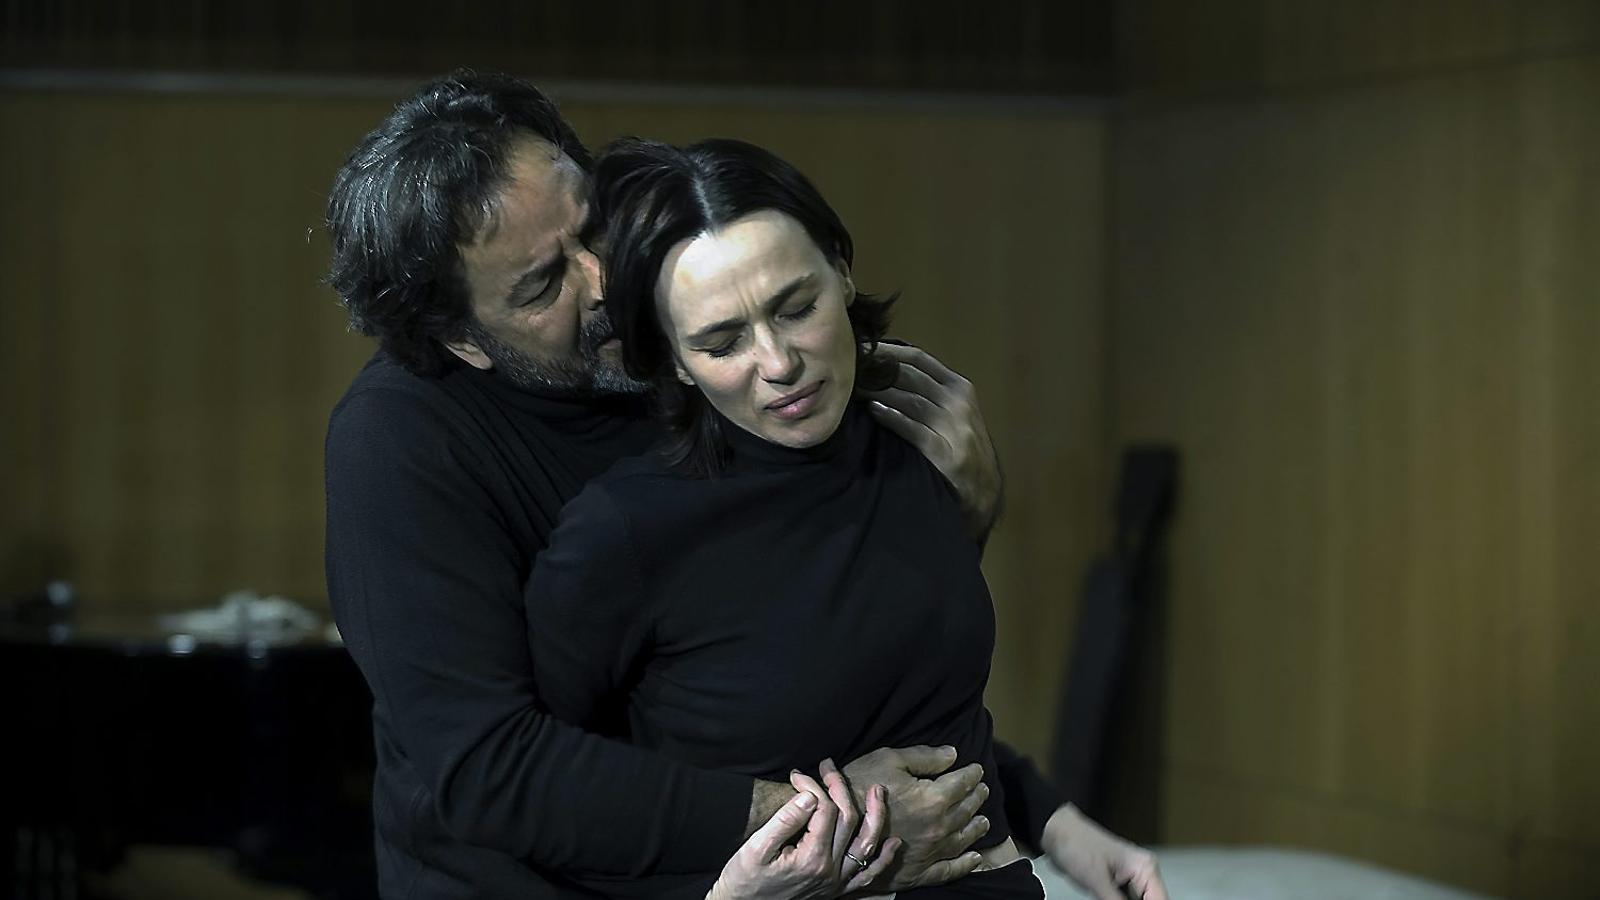 Abel Folk i Ariadna Gil -a la foto en un assaig- interpreten Jane Eyre després que Ramon Madaula i Clara Segura es despengessin del projecte per altres compromisos.